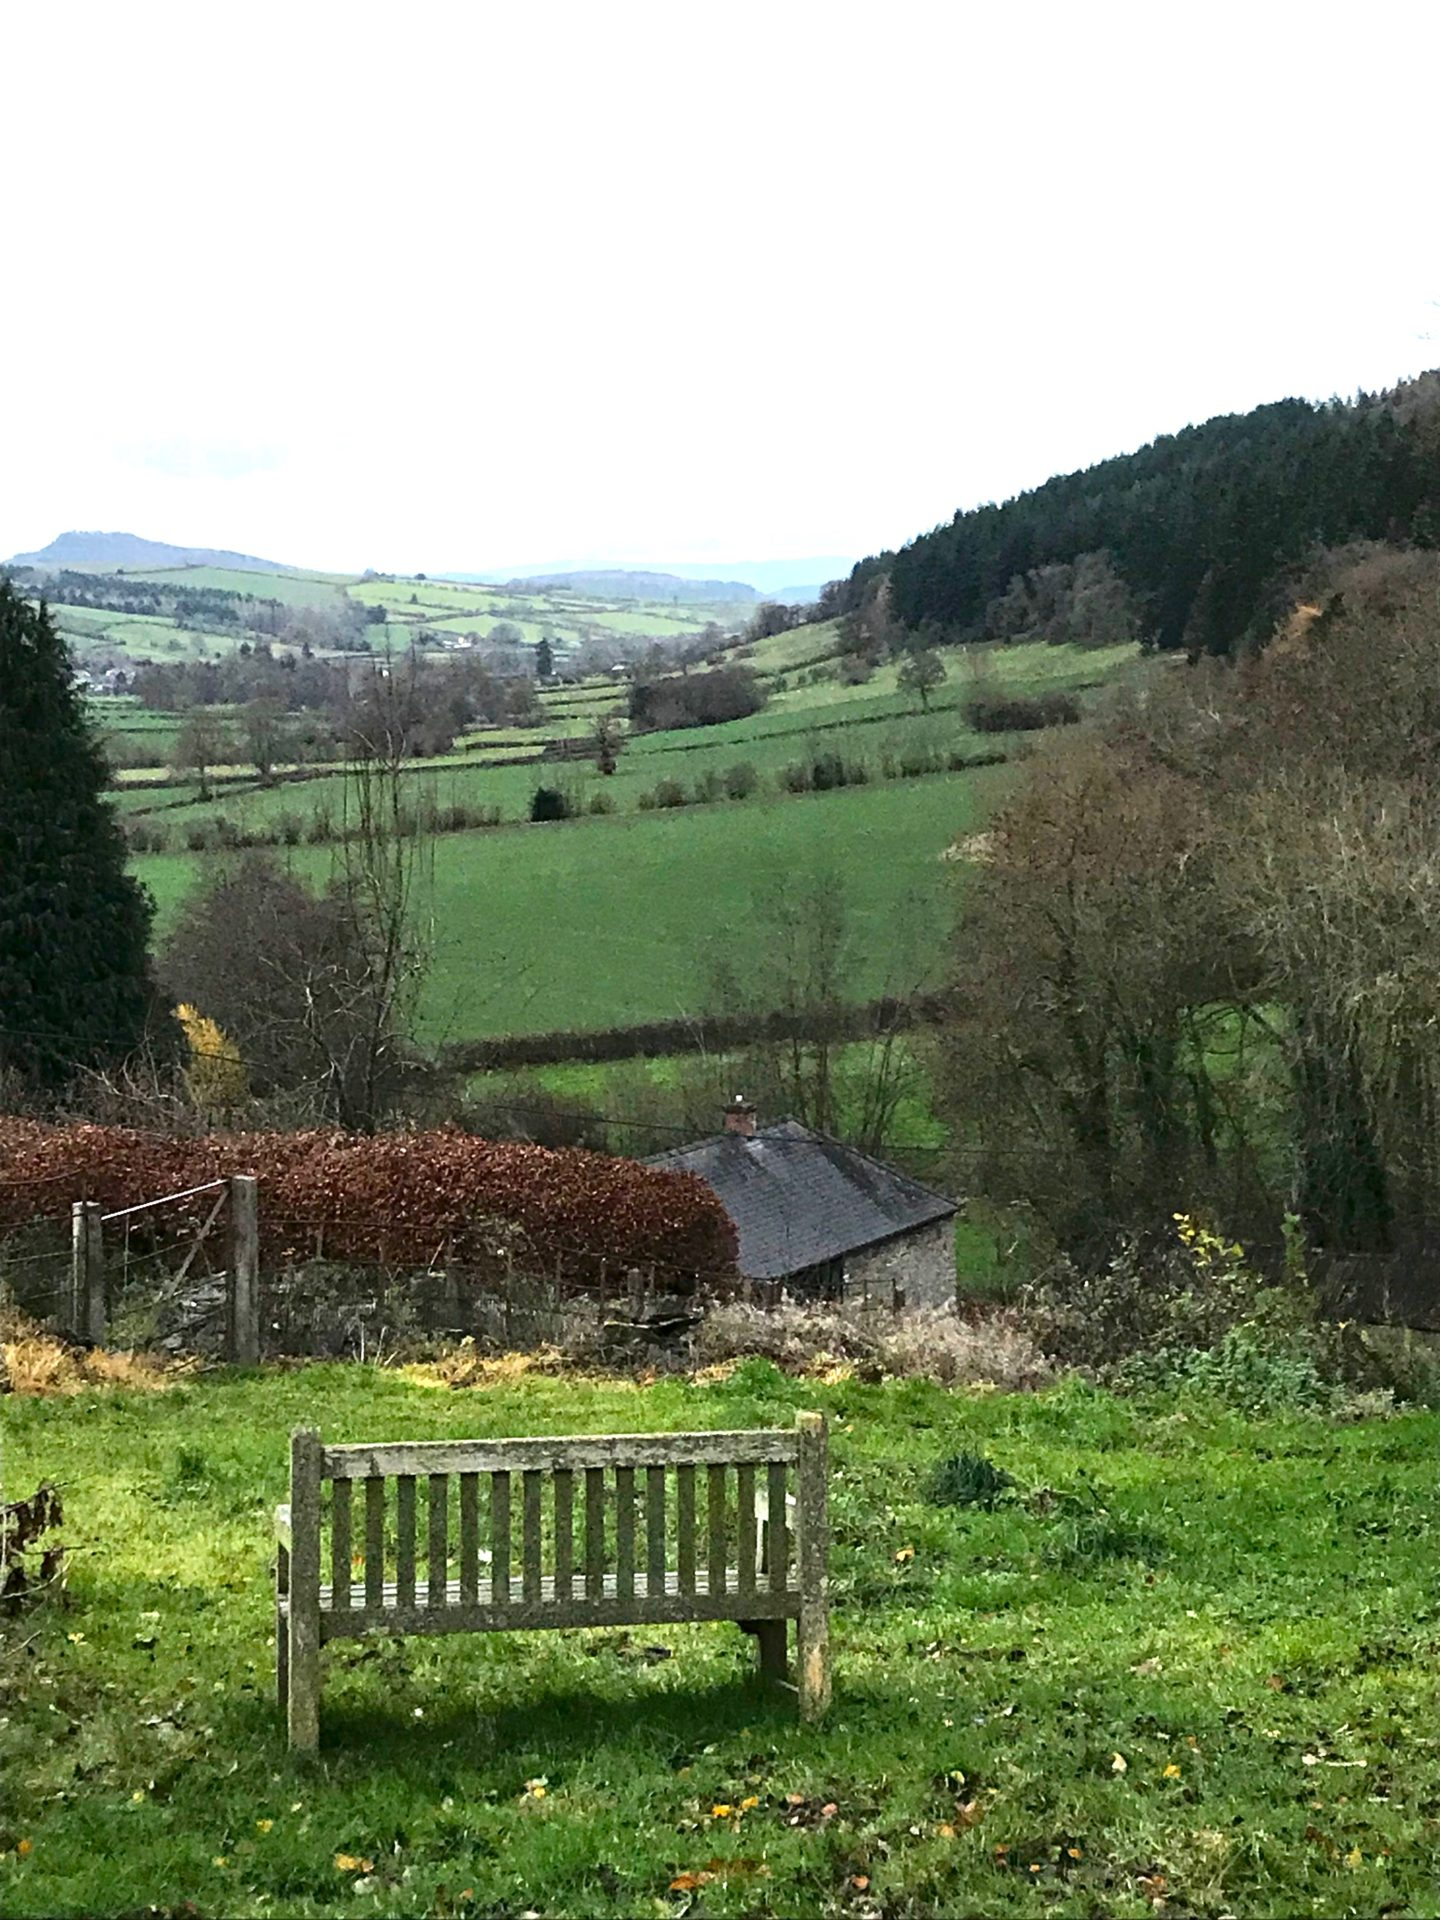 The Hurst, Shropshire